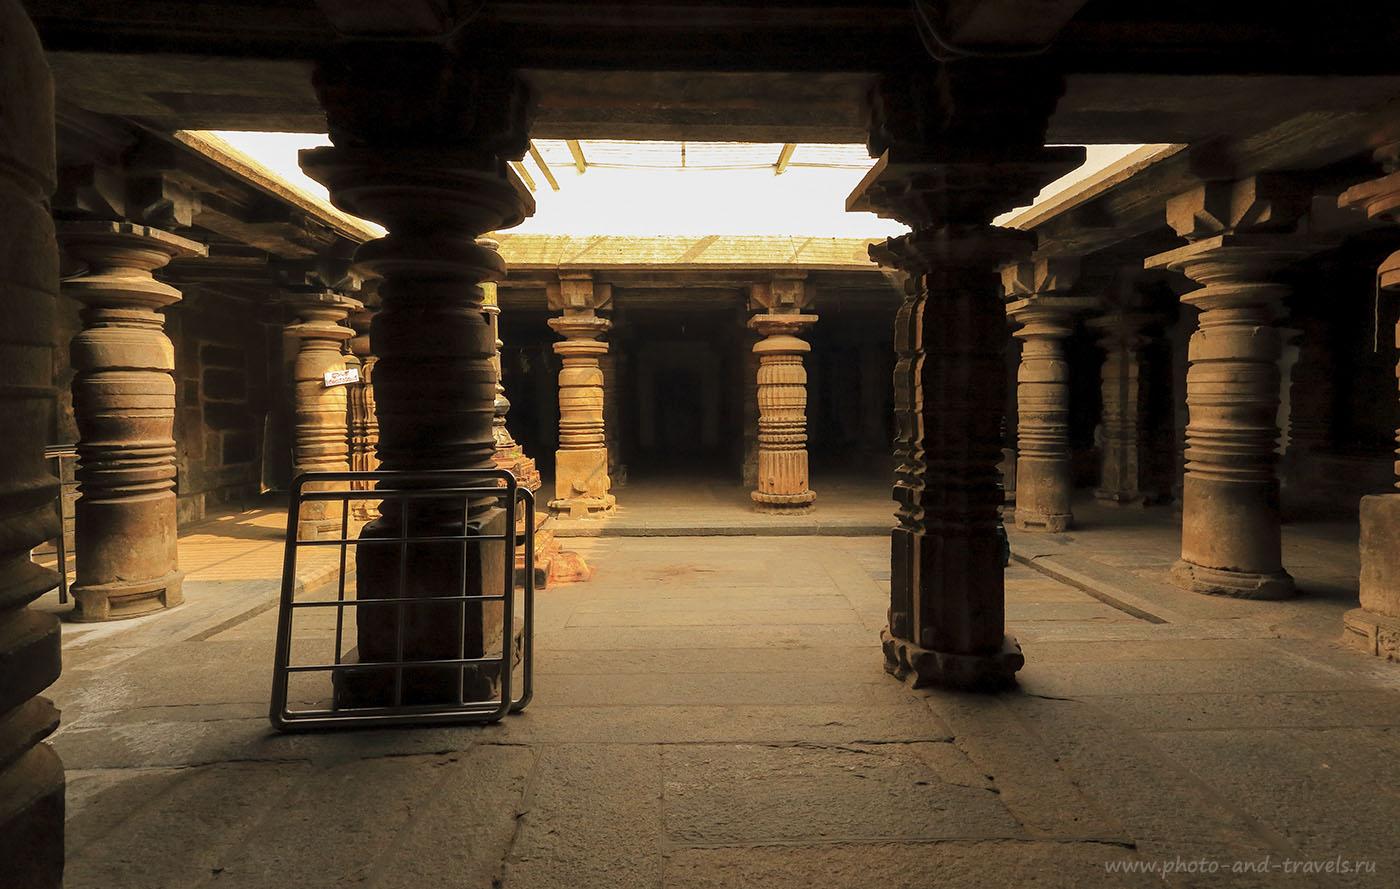 Фото 5. Колоннада в храме Шрирангапатнам. Отчет туриста из России о поездке по достопримечательностям Карнатаки в Индии.